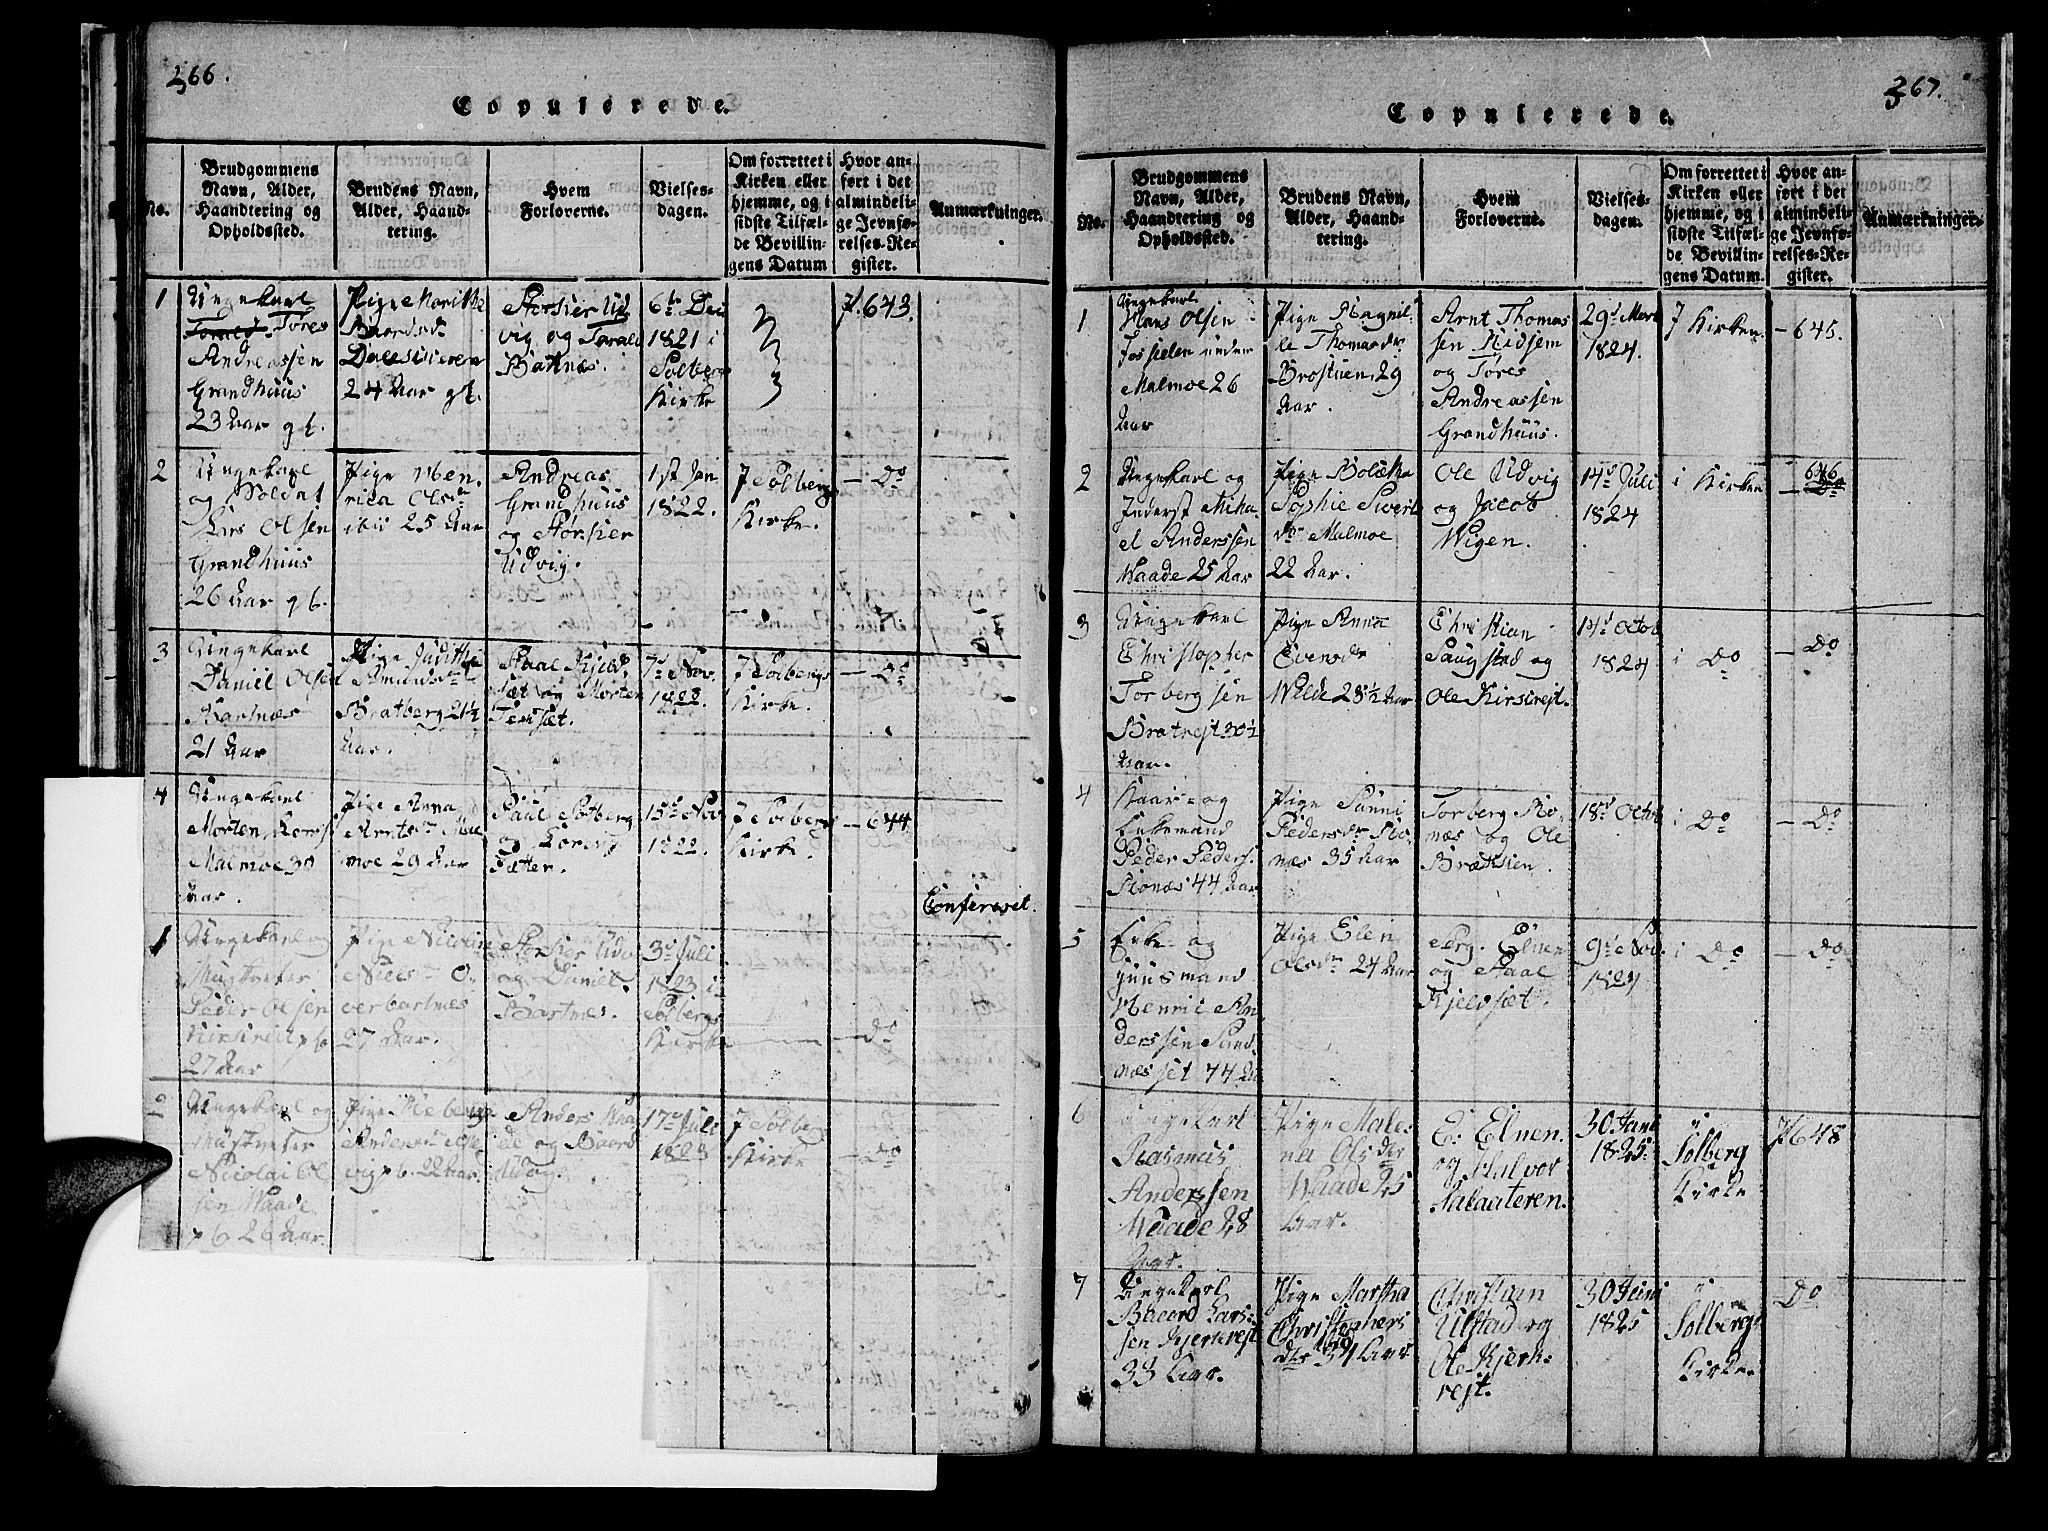 SAT, Ministerialprotokoller, klokkerbøker og fødselsregistre - Nord-Trøndelag, 745/L0433: Klokkerbok nr. 745C02, 1817-1825, s. 266-267